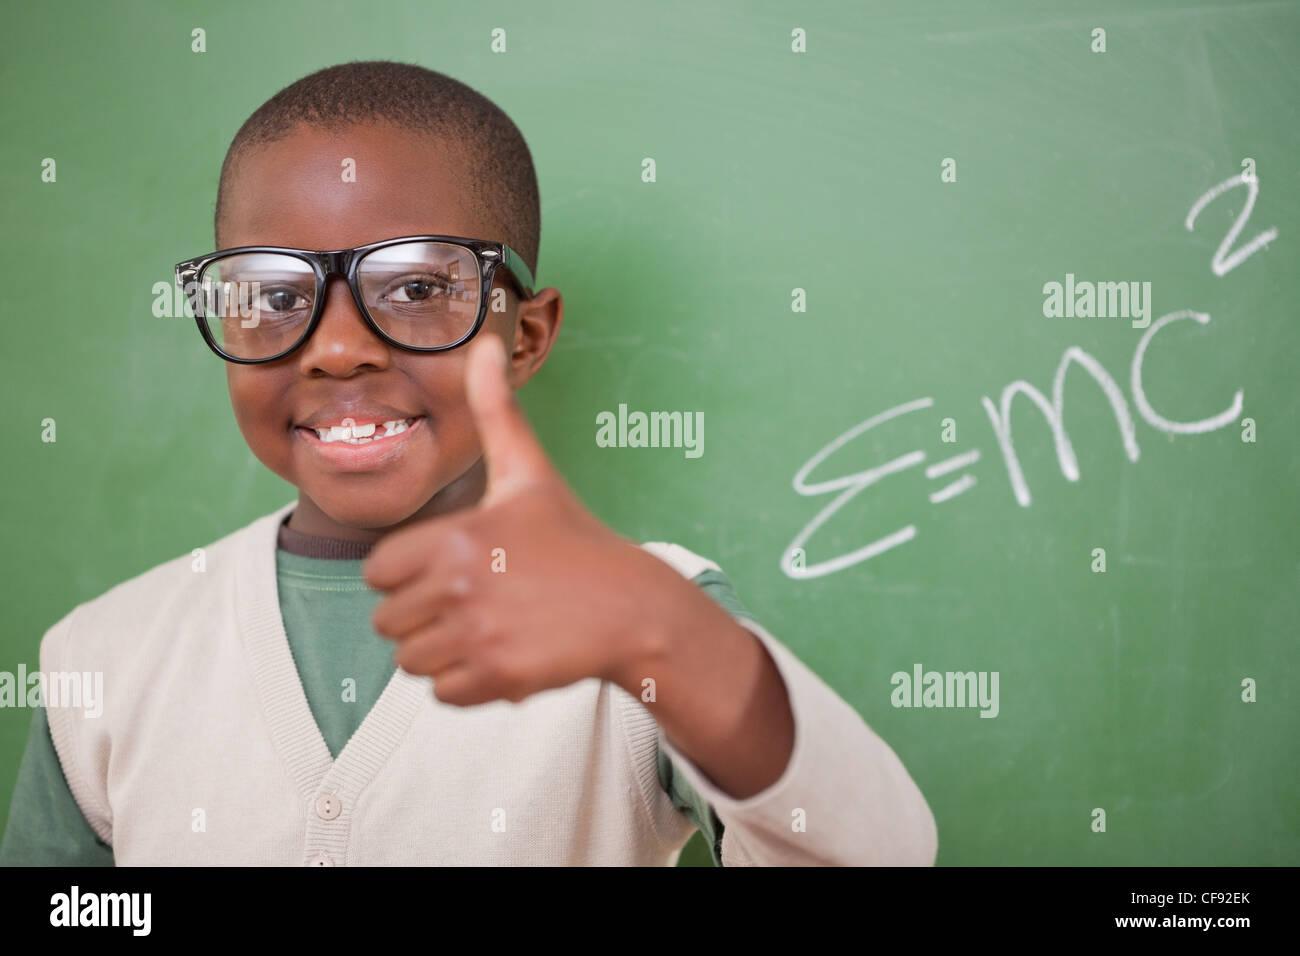 Schuljunge posiert mit der Masse – Energie-Äquivalenz Formel und der Daumen Stockfoto